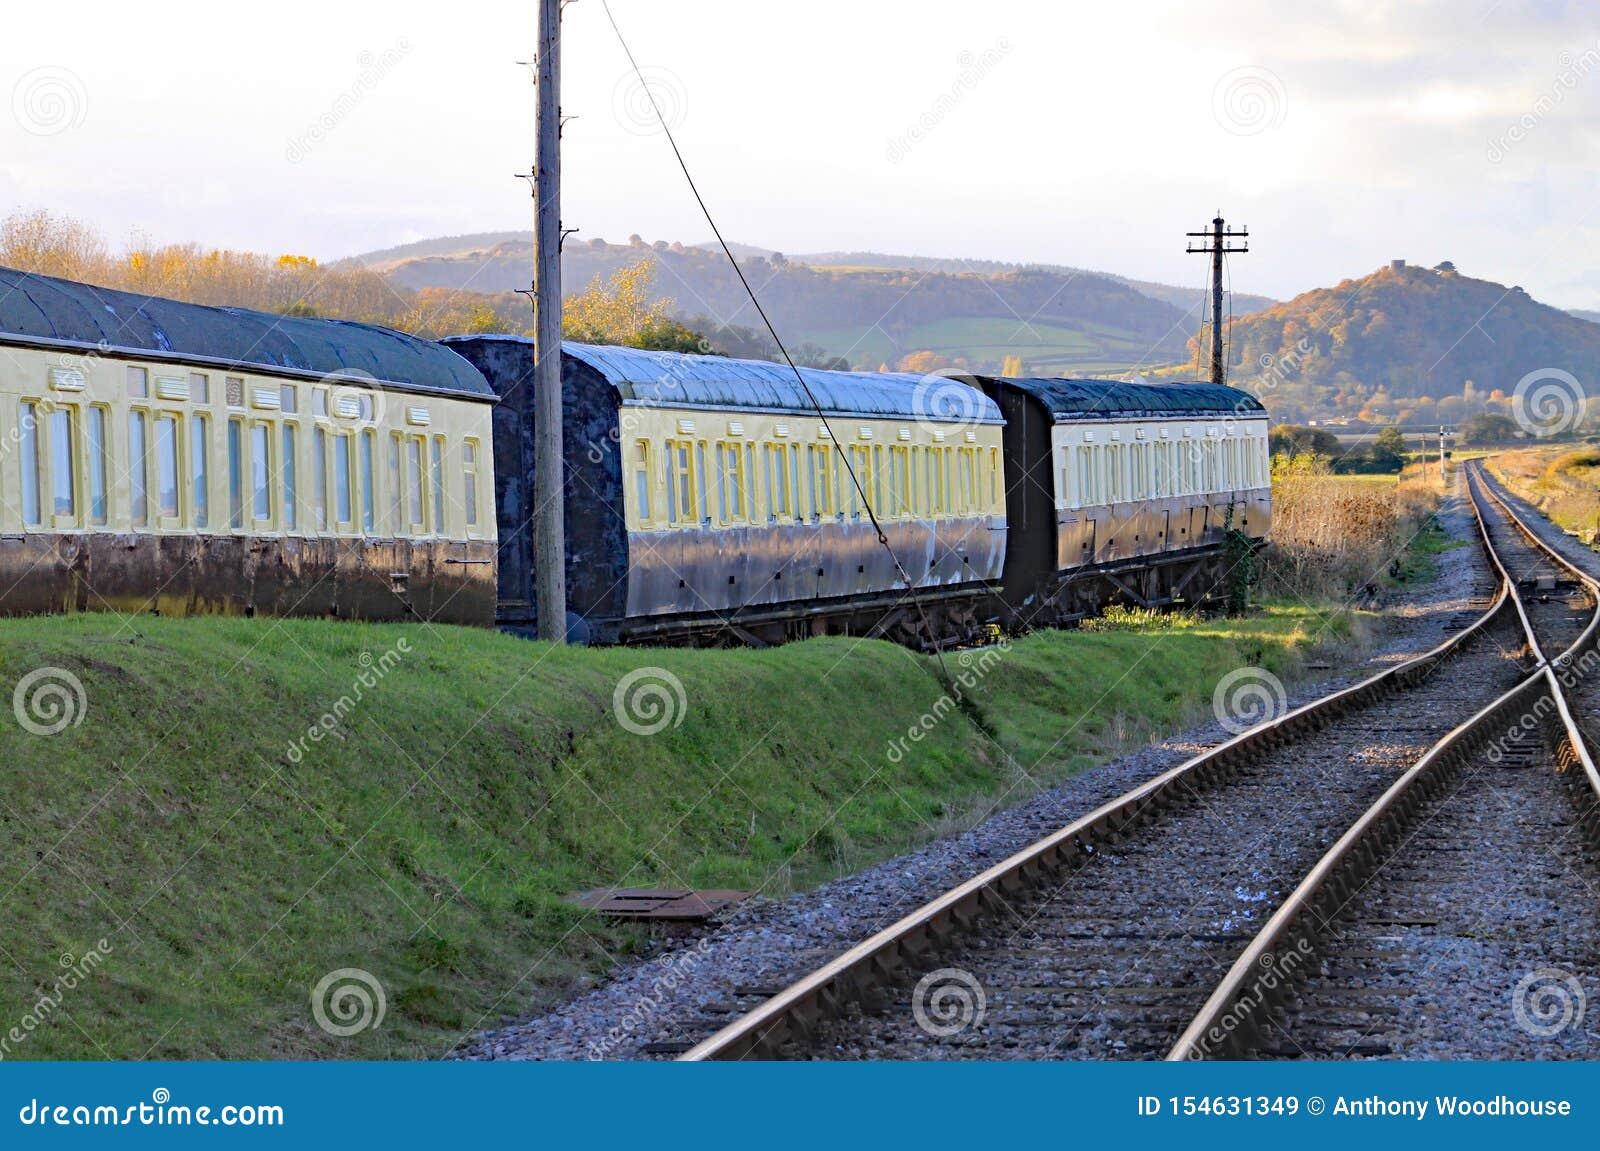 След и пункты в конце проходя петли на голубом анкере в Сомерсете Это часть западной железной дороги наследия Сомерсета,